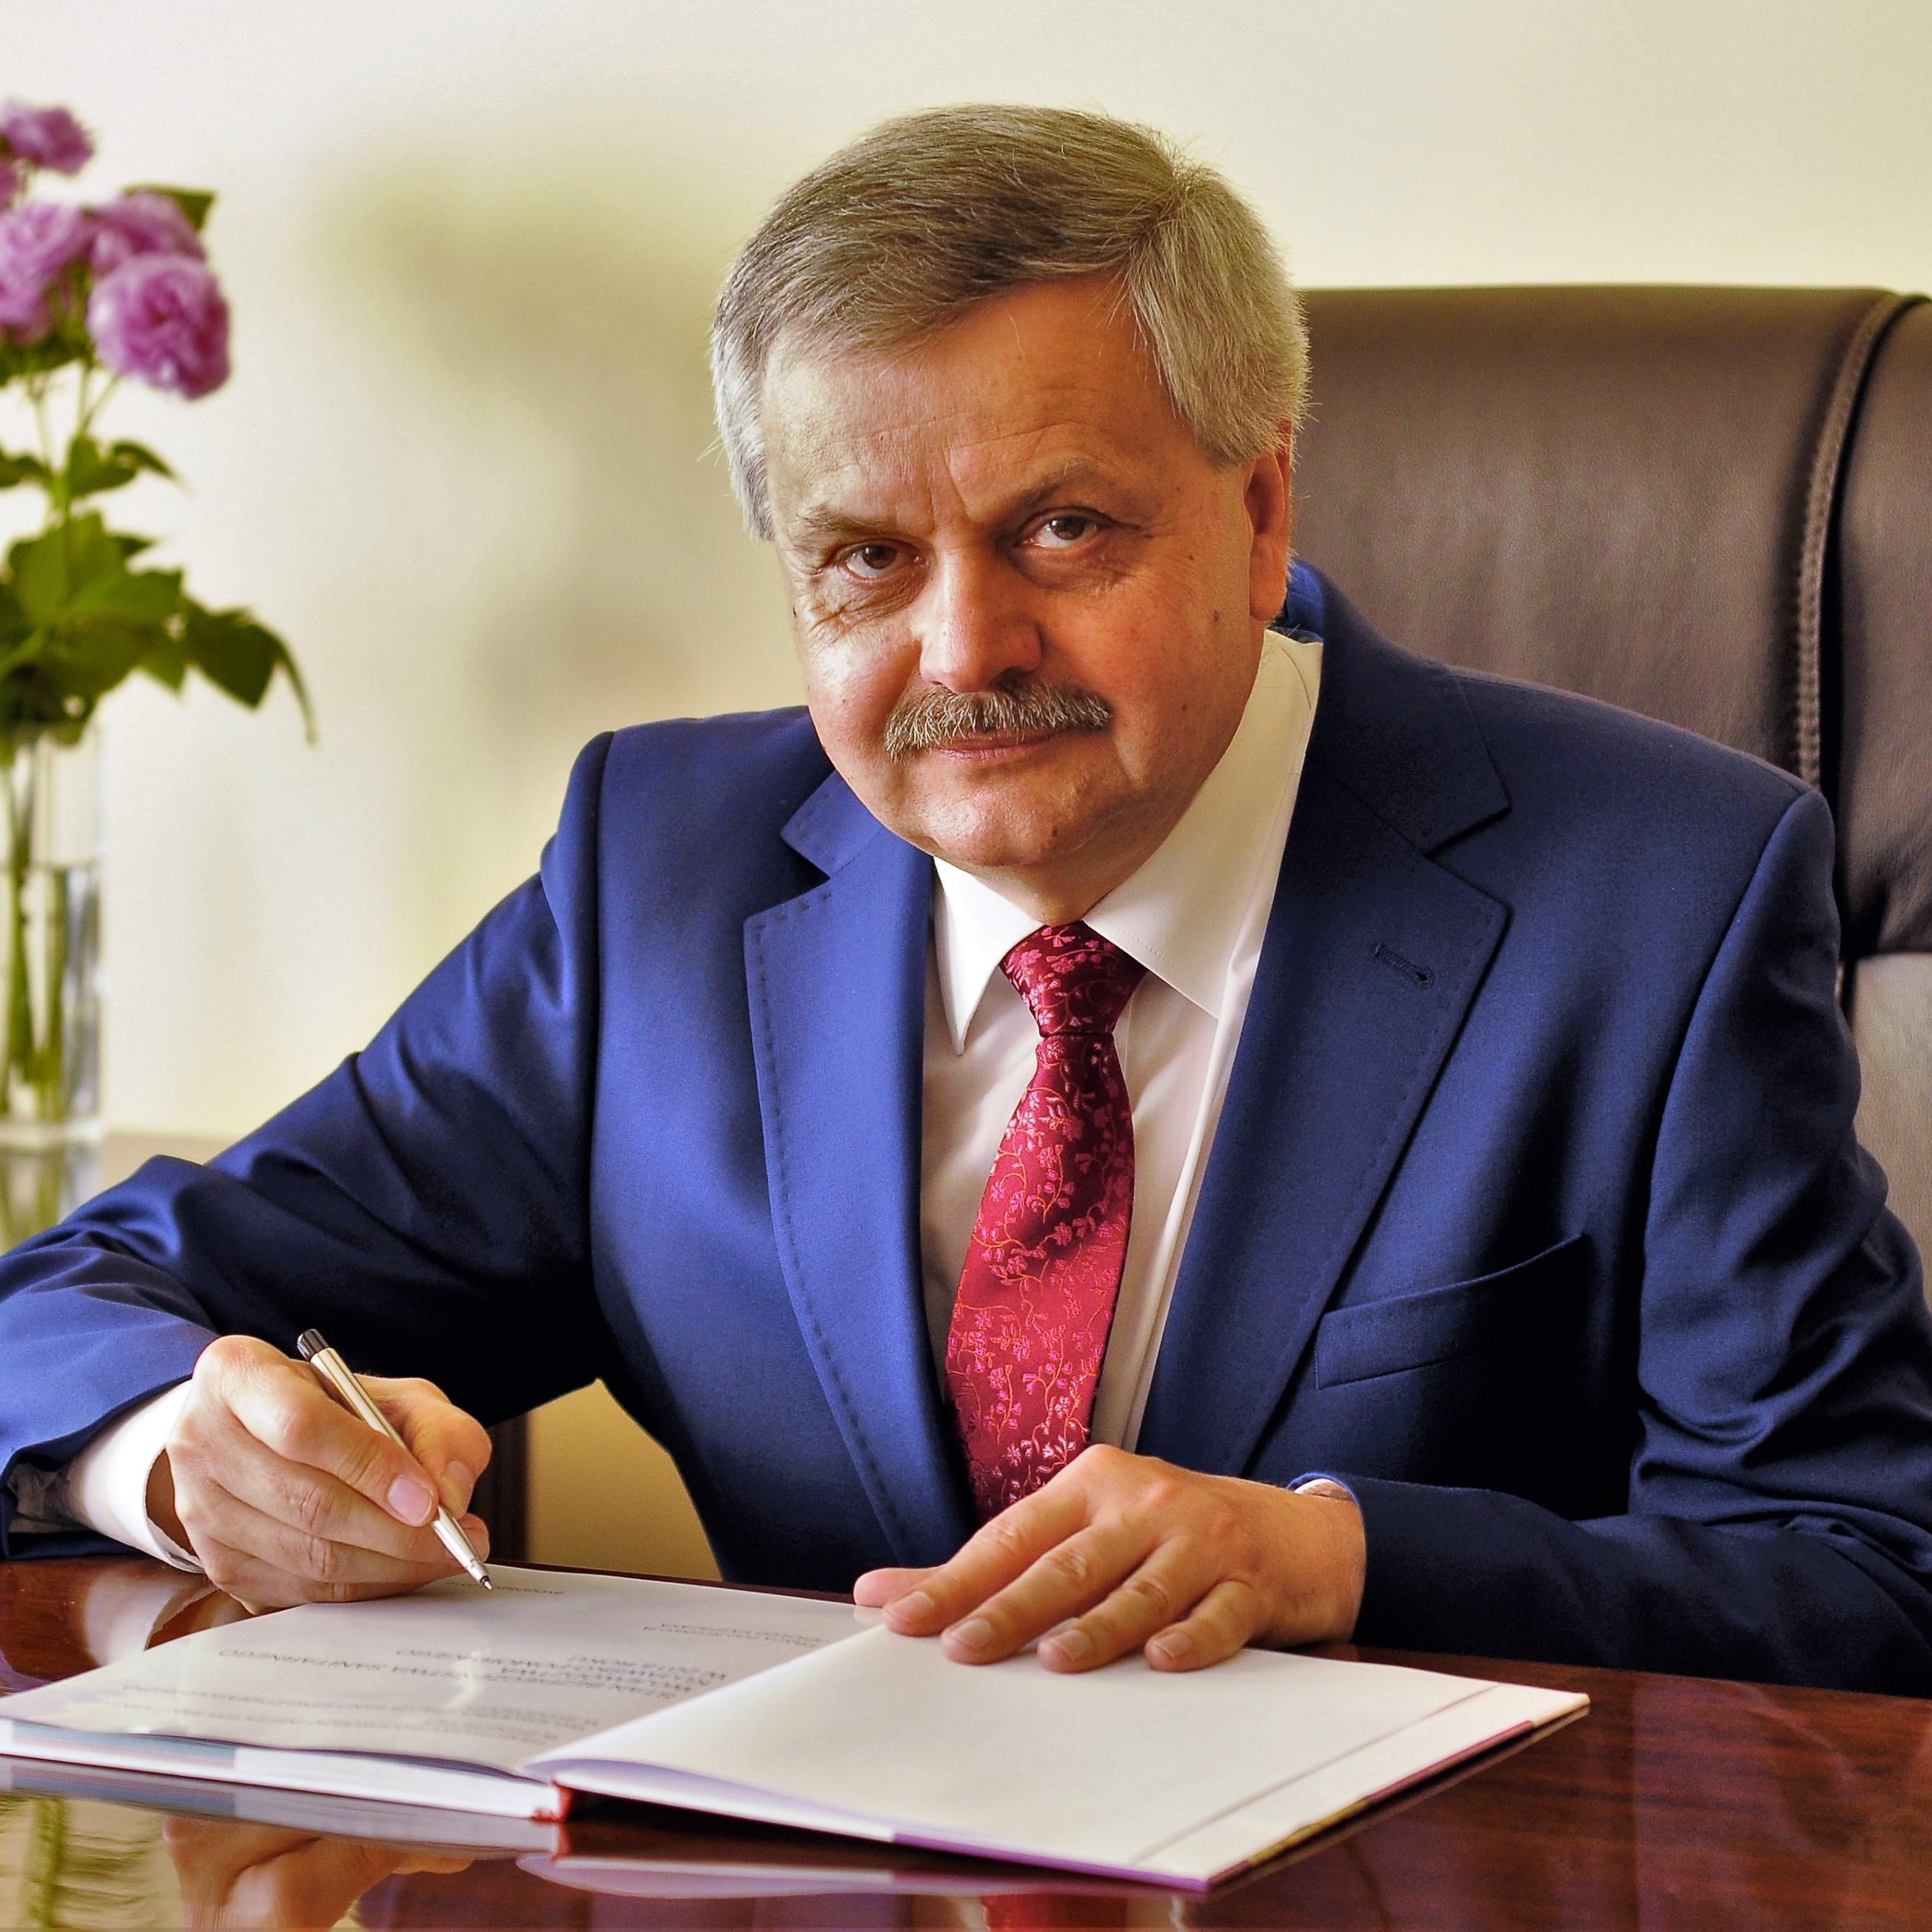 Jerzy Kasprzak